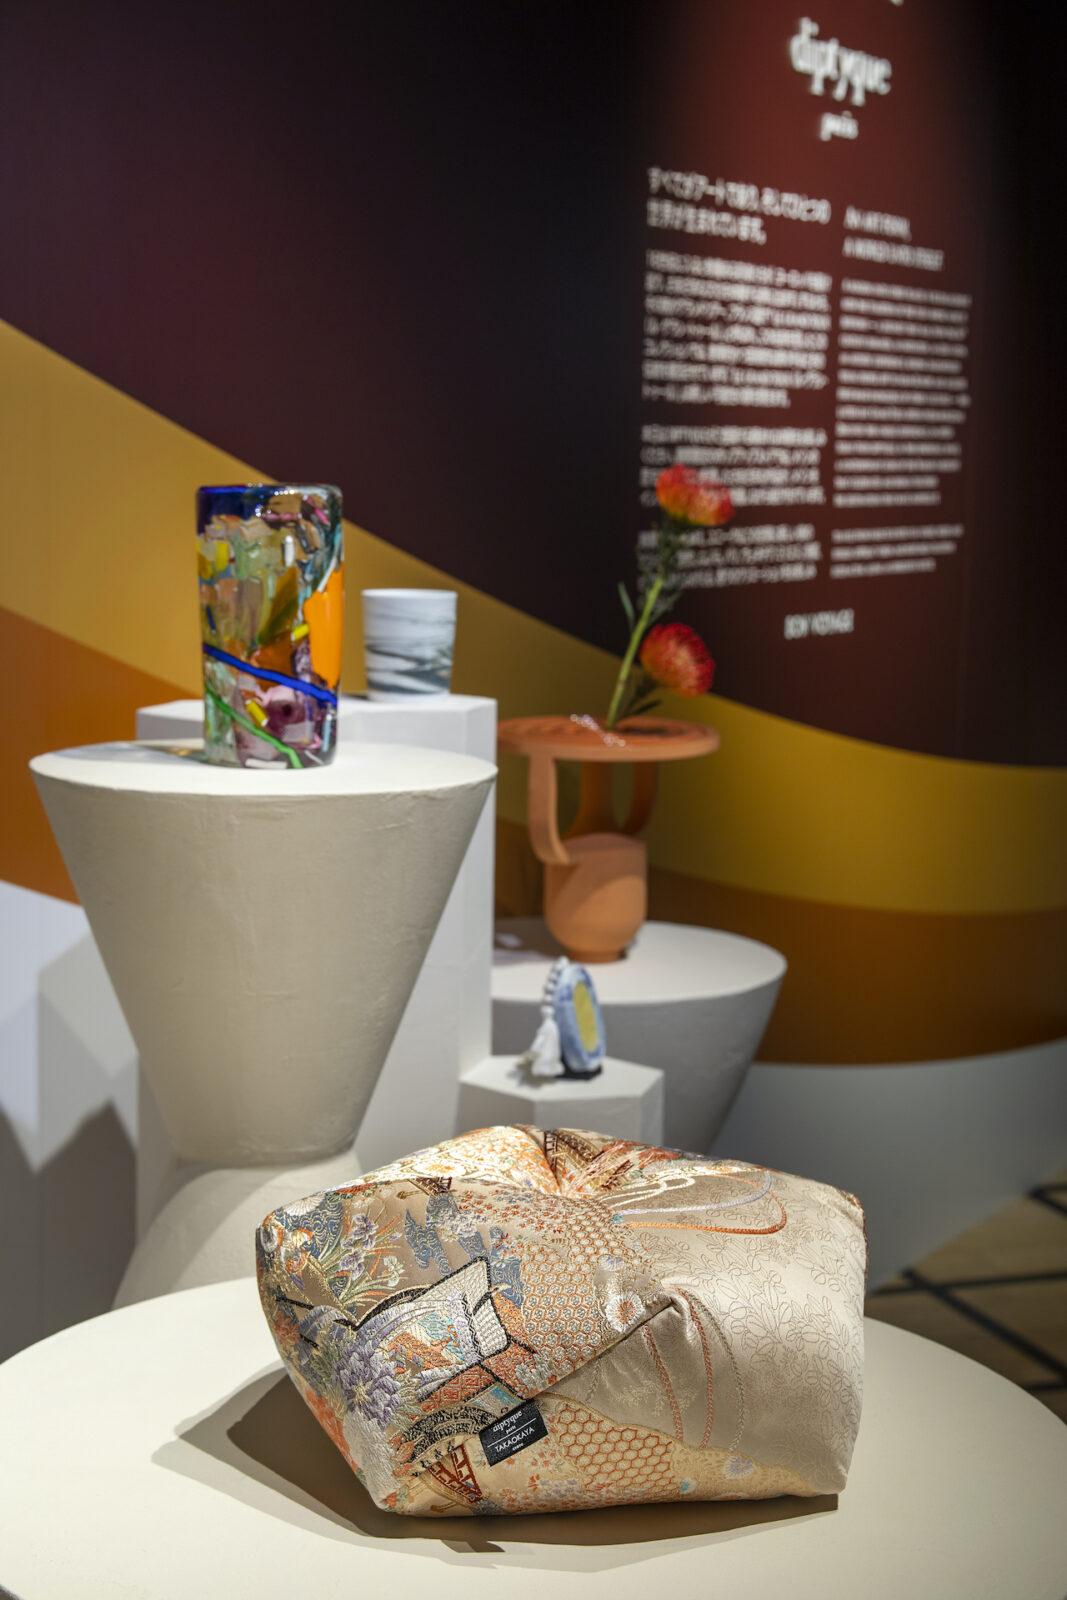 初のホームデコレーション コレクションからも、ル・グラン・トゥール限定製品が登場。テーブルウェアや花器が並ぶ。